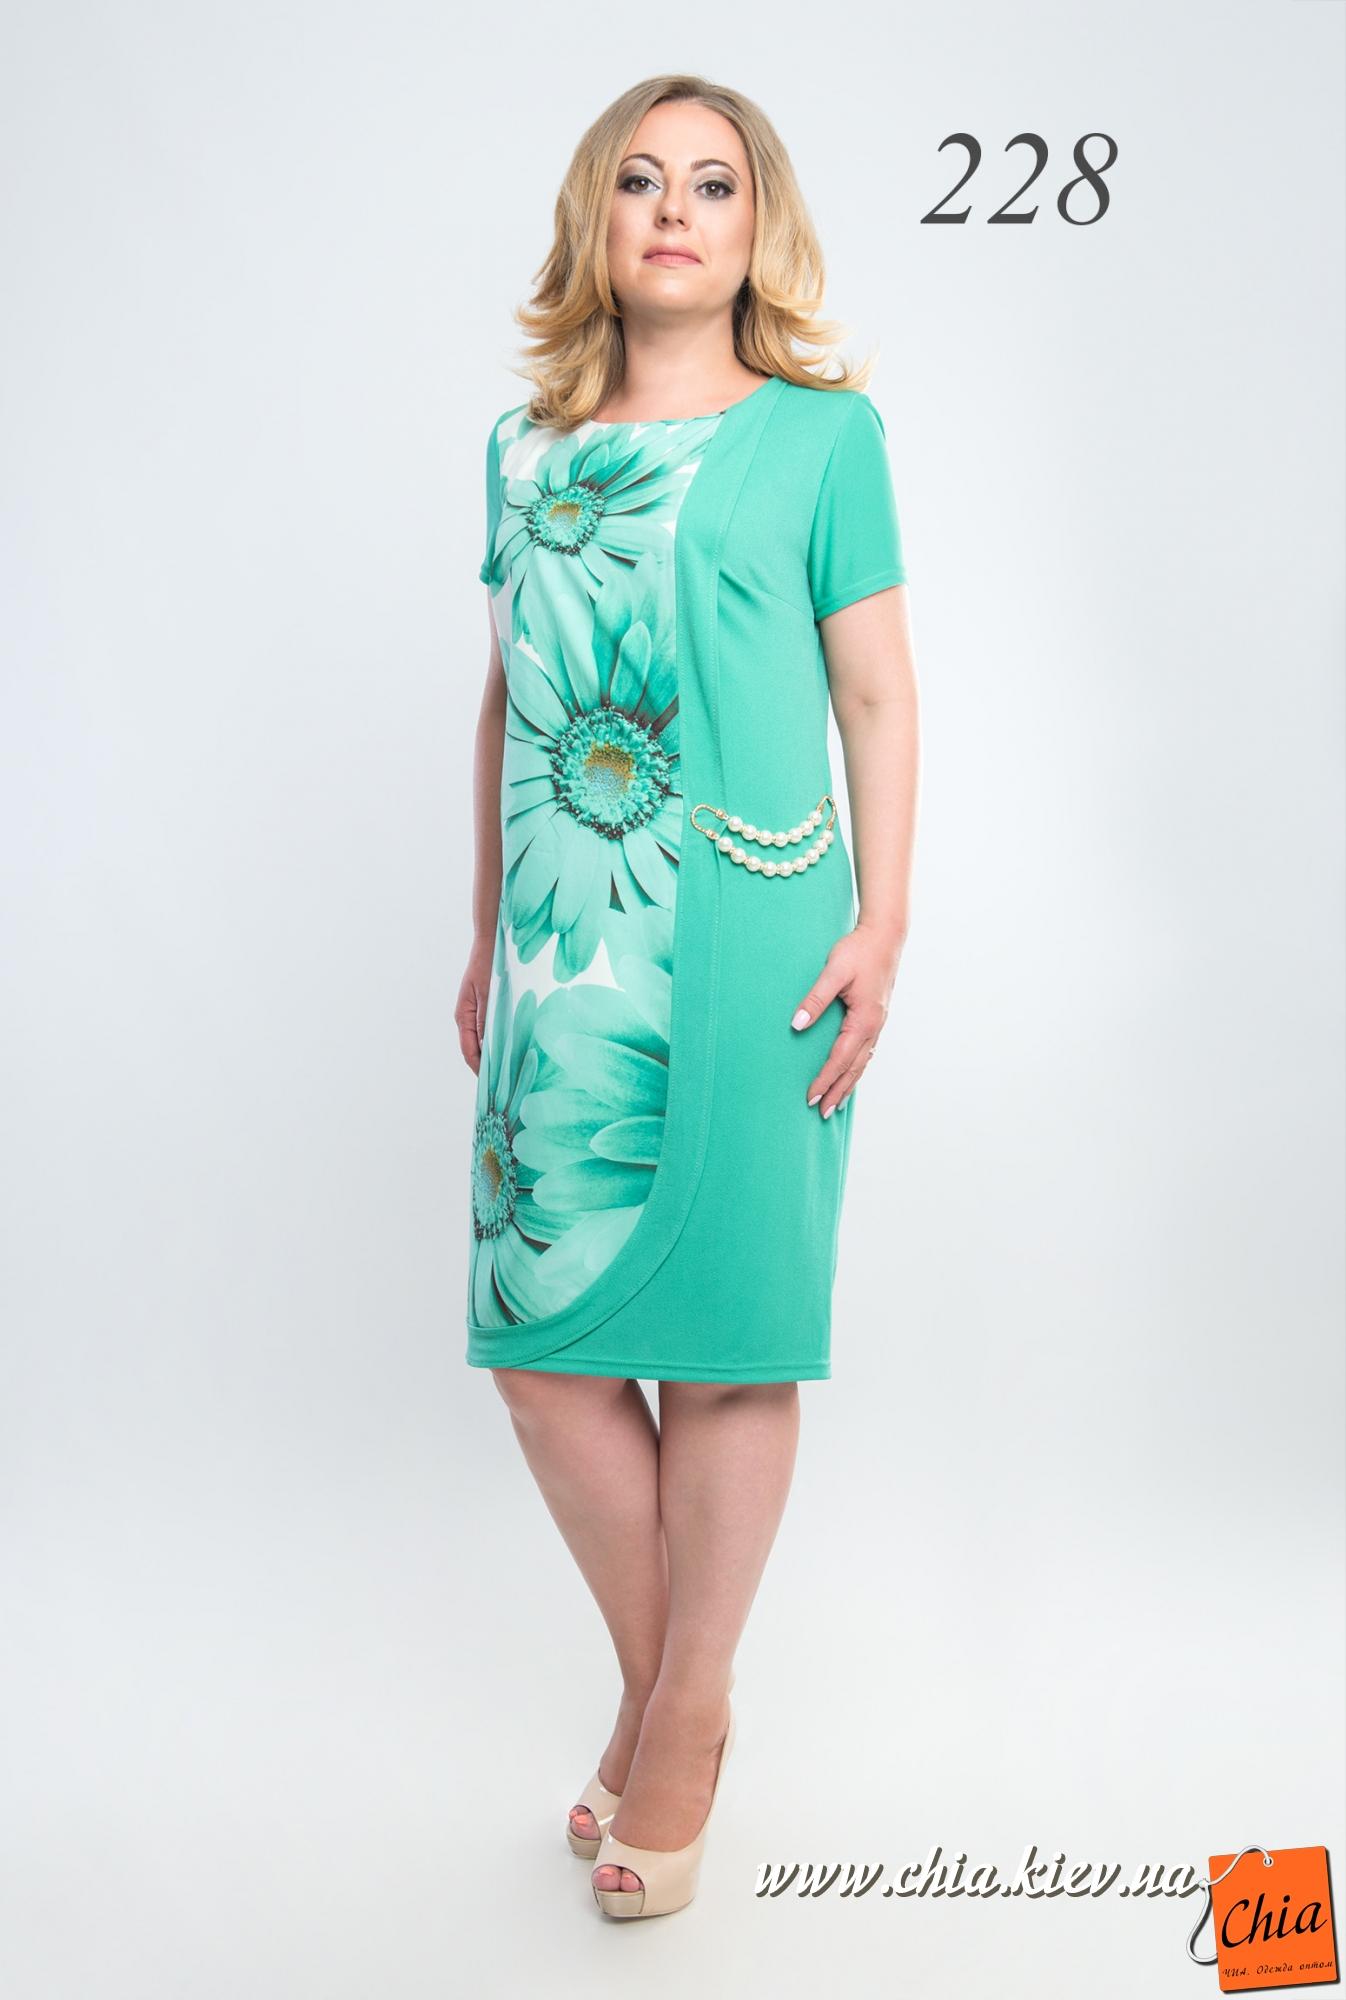 Купить платье большого размера отзывы